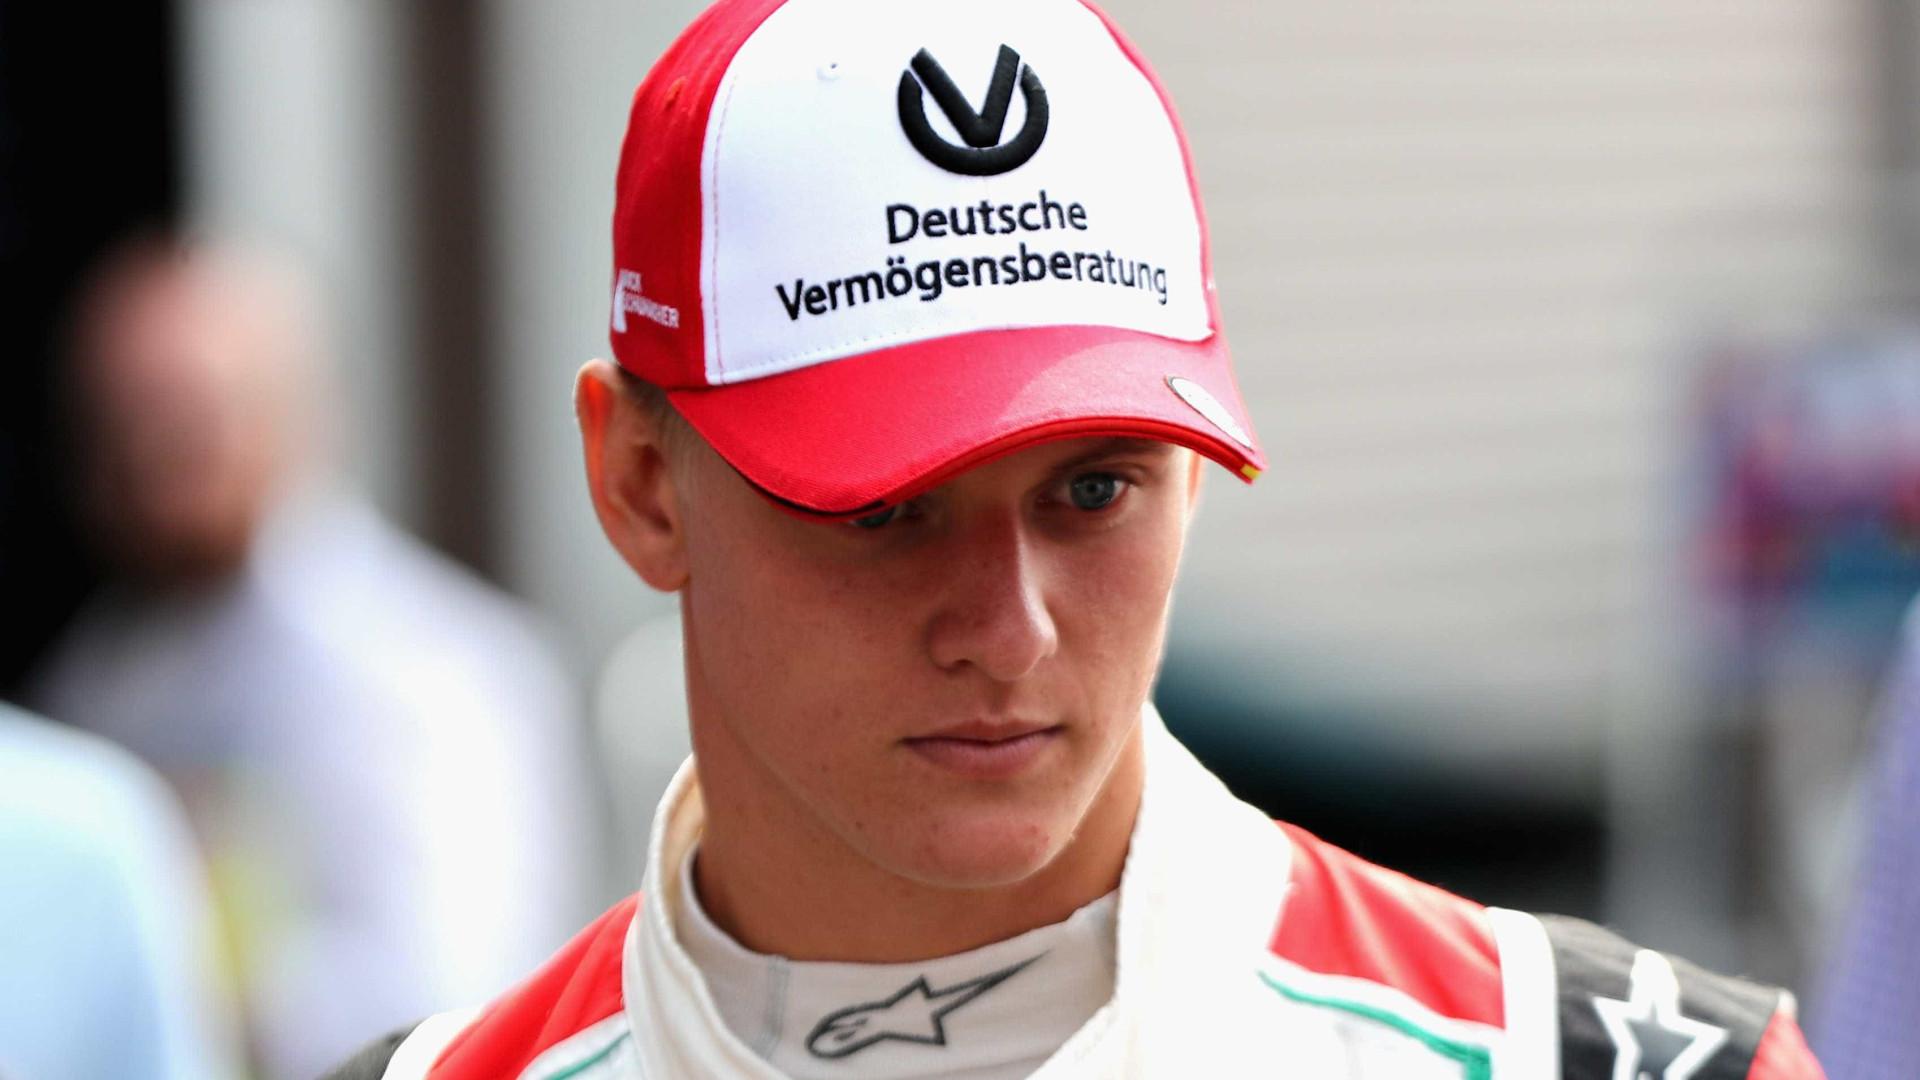 Aos 19 anos, filho de Schumacher vence primeiro título